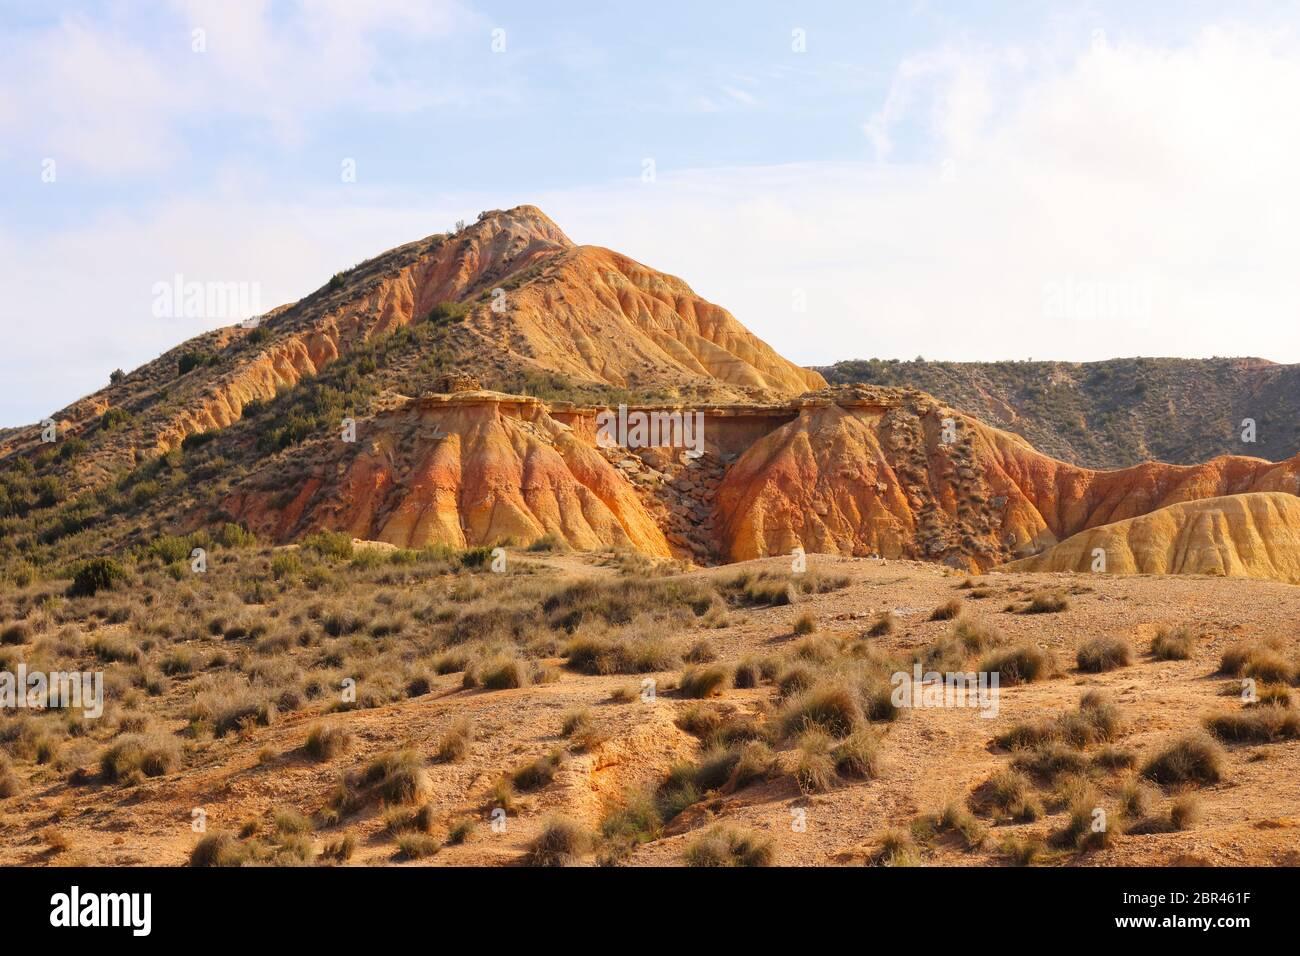 Fascinantes formas terrestres y elementos erosionales en la región natural semi-desértica Bardenas reales, Reserva de la Biosfera de la UNESCO, Navarra, España Foto de stock